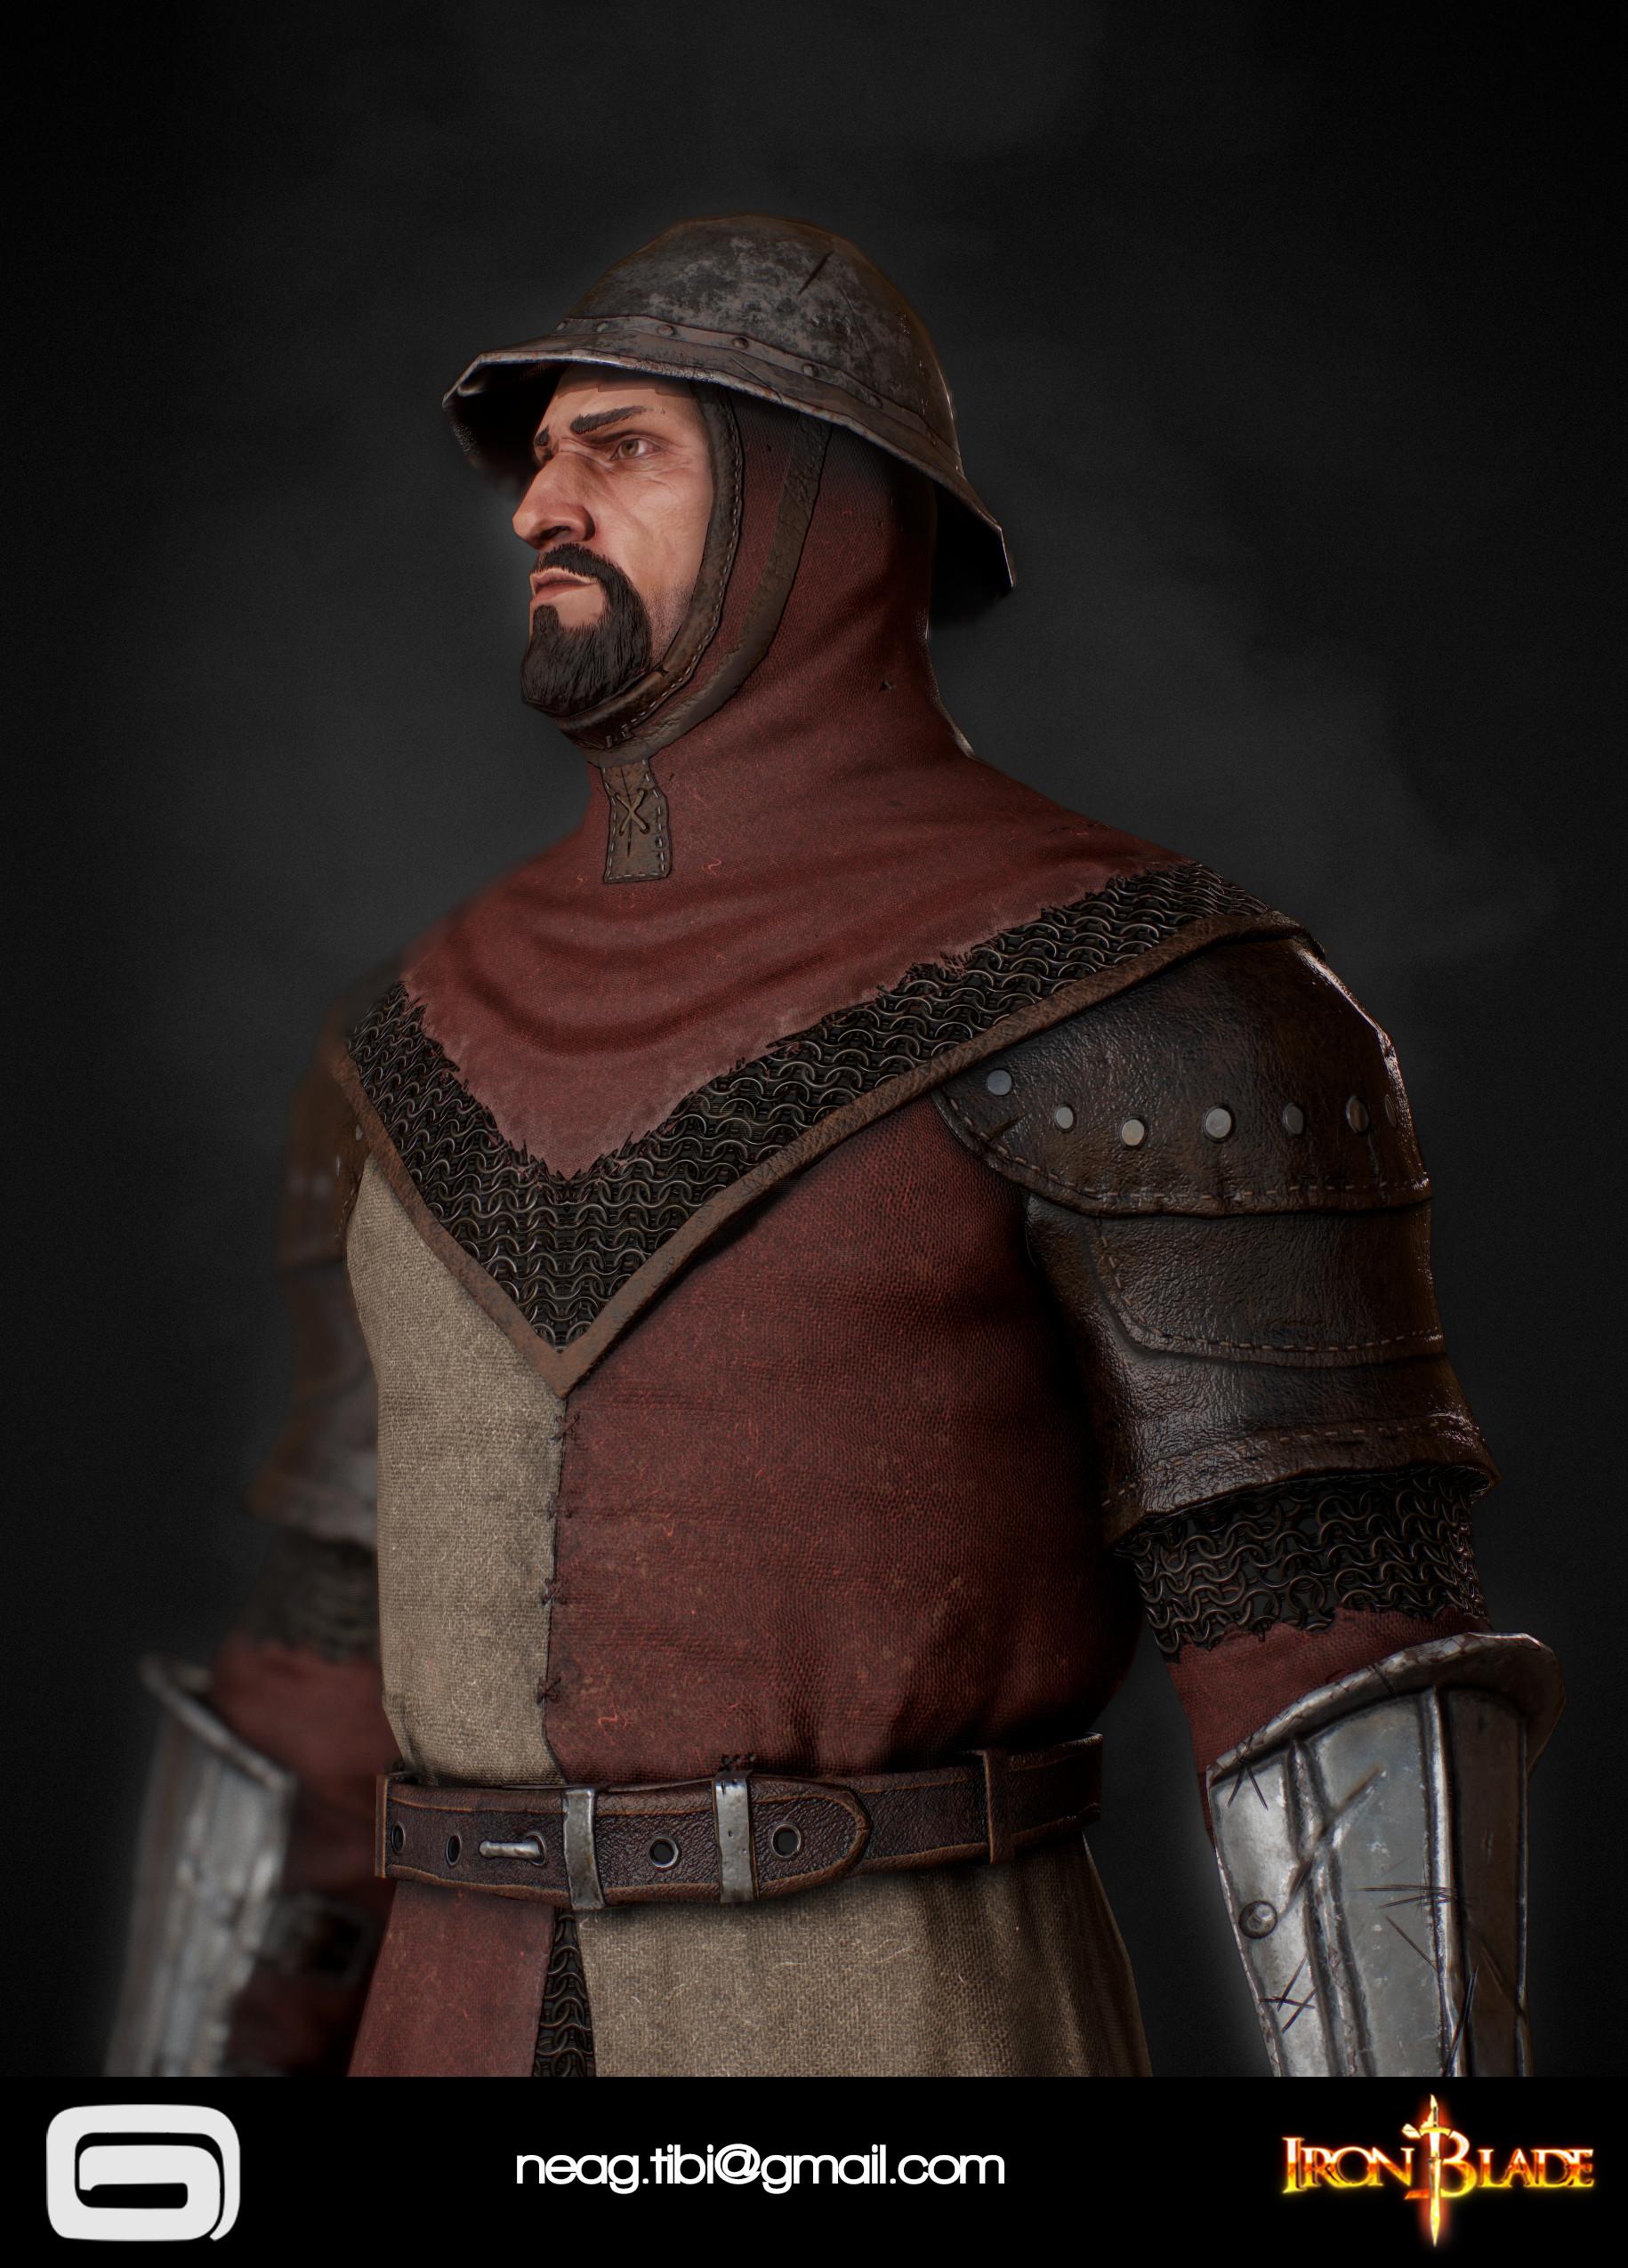 Tibi neag tibi neag iron blade garrison soldier c low poly 03